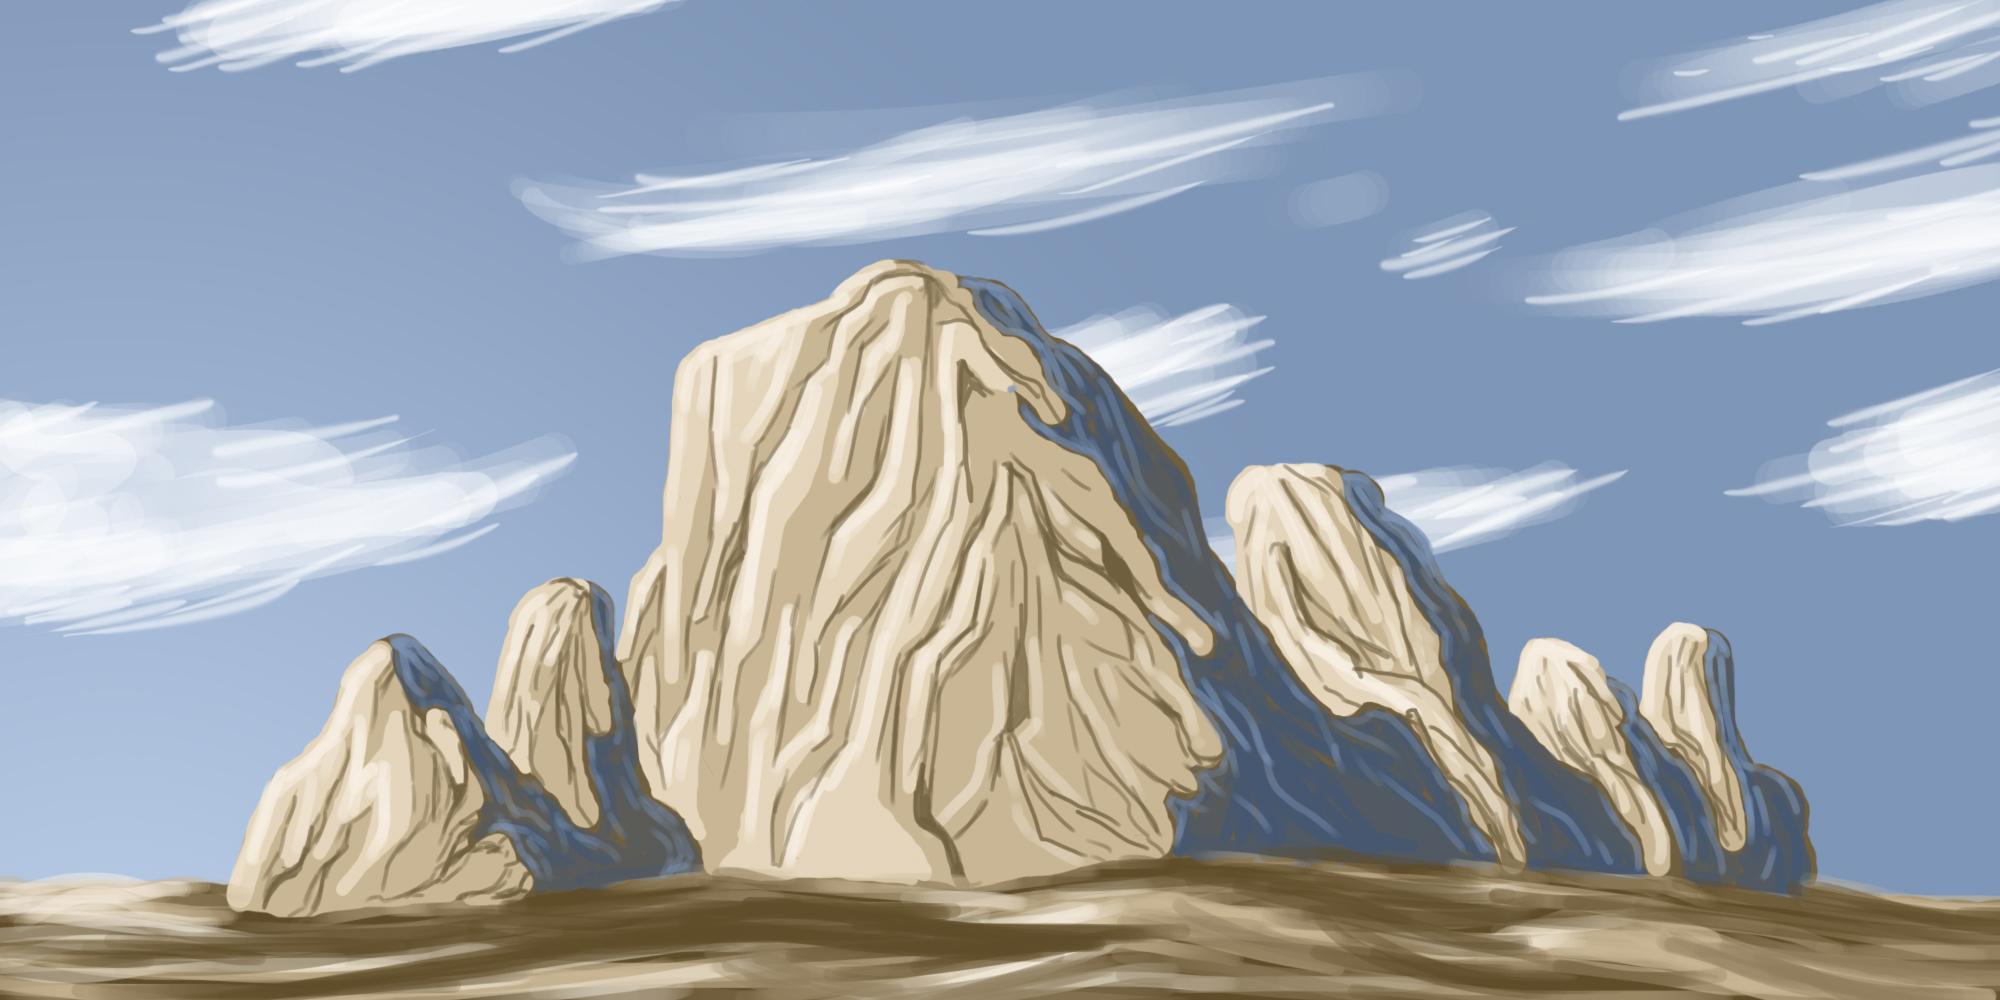 Tutoriaux photoshop matte painting trouvez le tutoriel photoshop cs4 cs5 flash illustrator - Rocher dessin ...